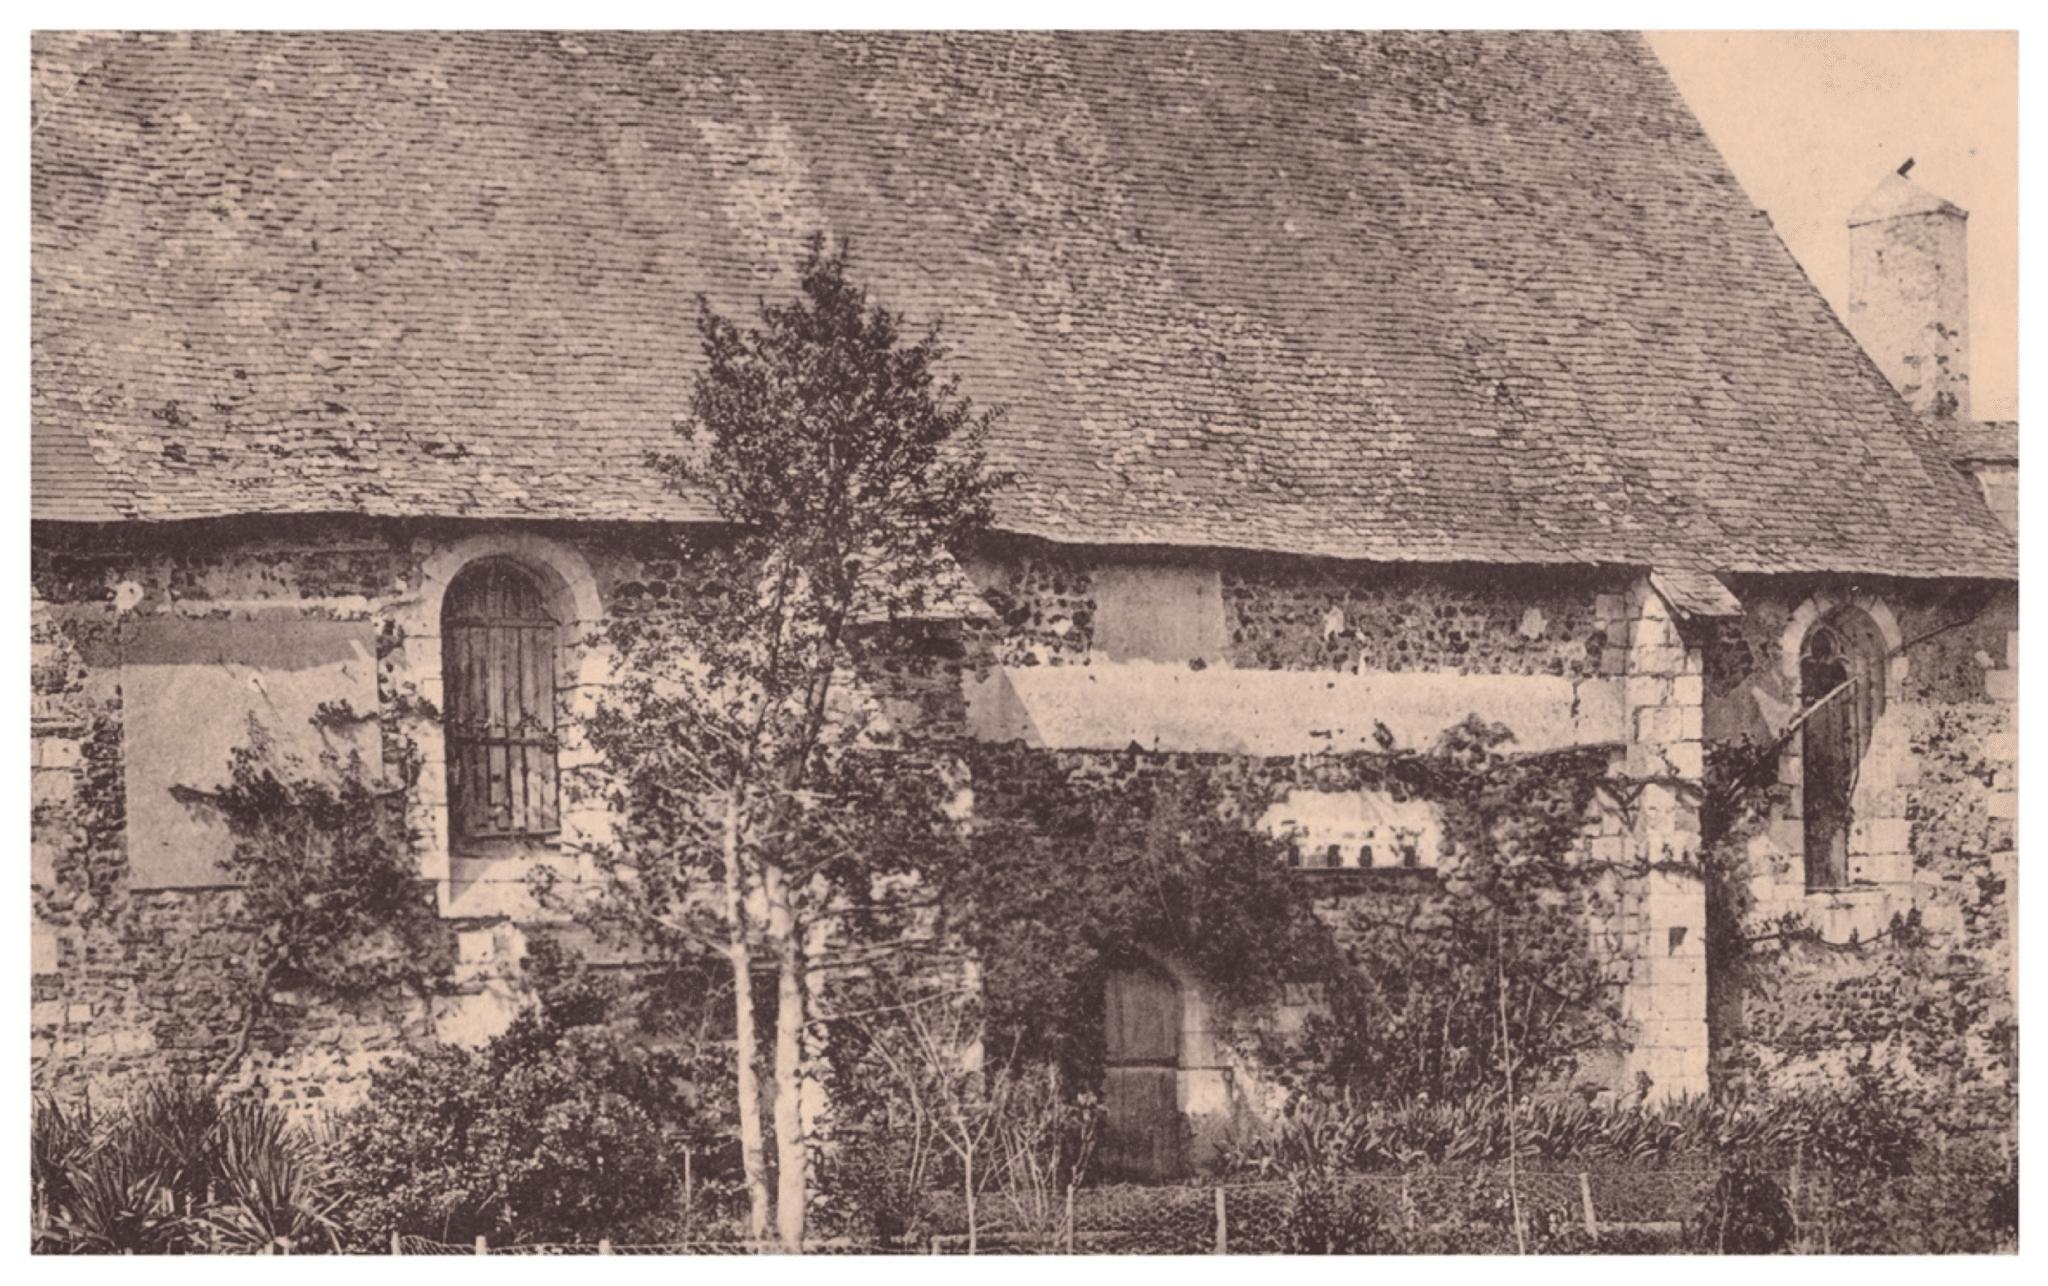 Nouvelle publication: Église Saint-Alman de Quincé (commune de Brissac-Loire-Aubance). Et compte rendu de la visite du 8 janvier 2021